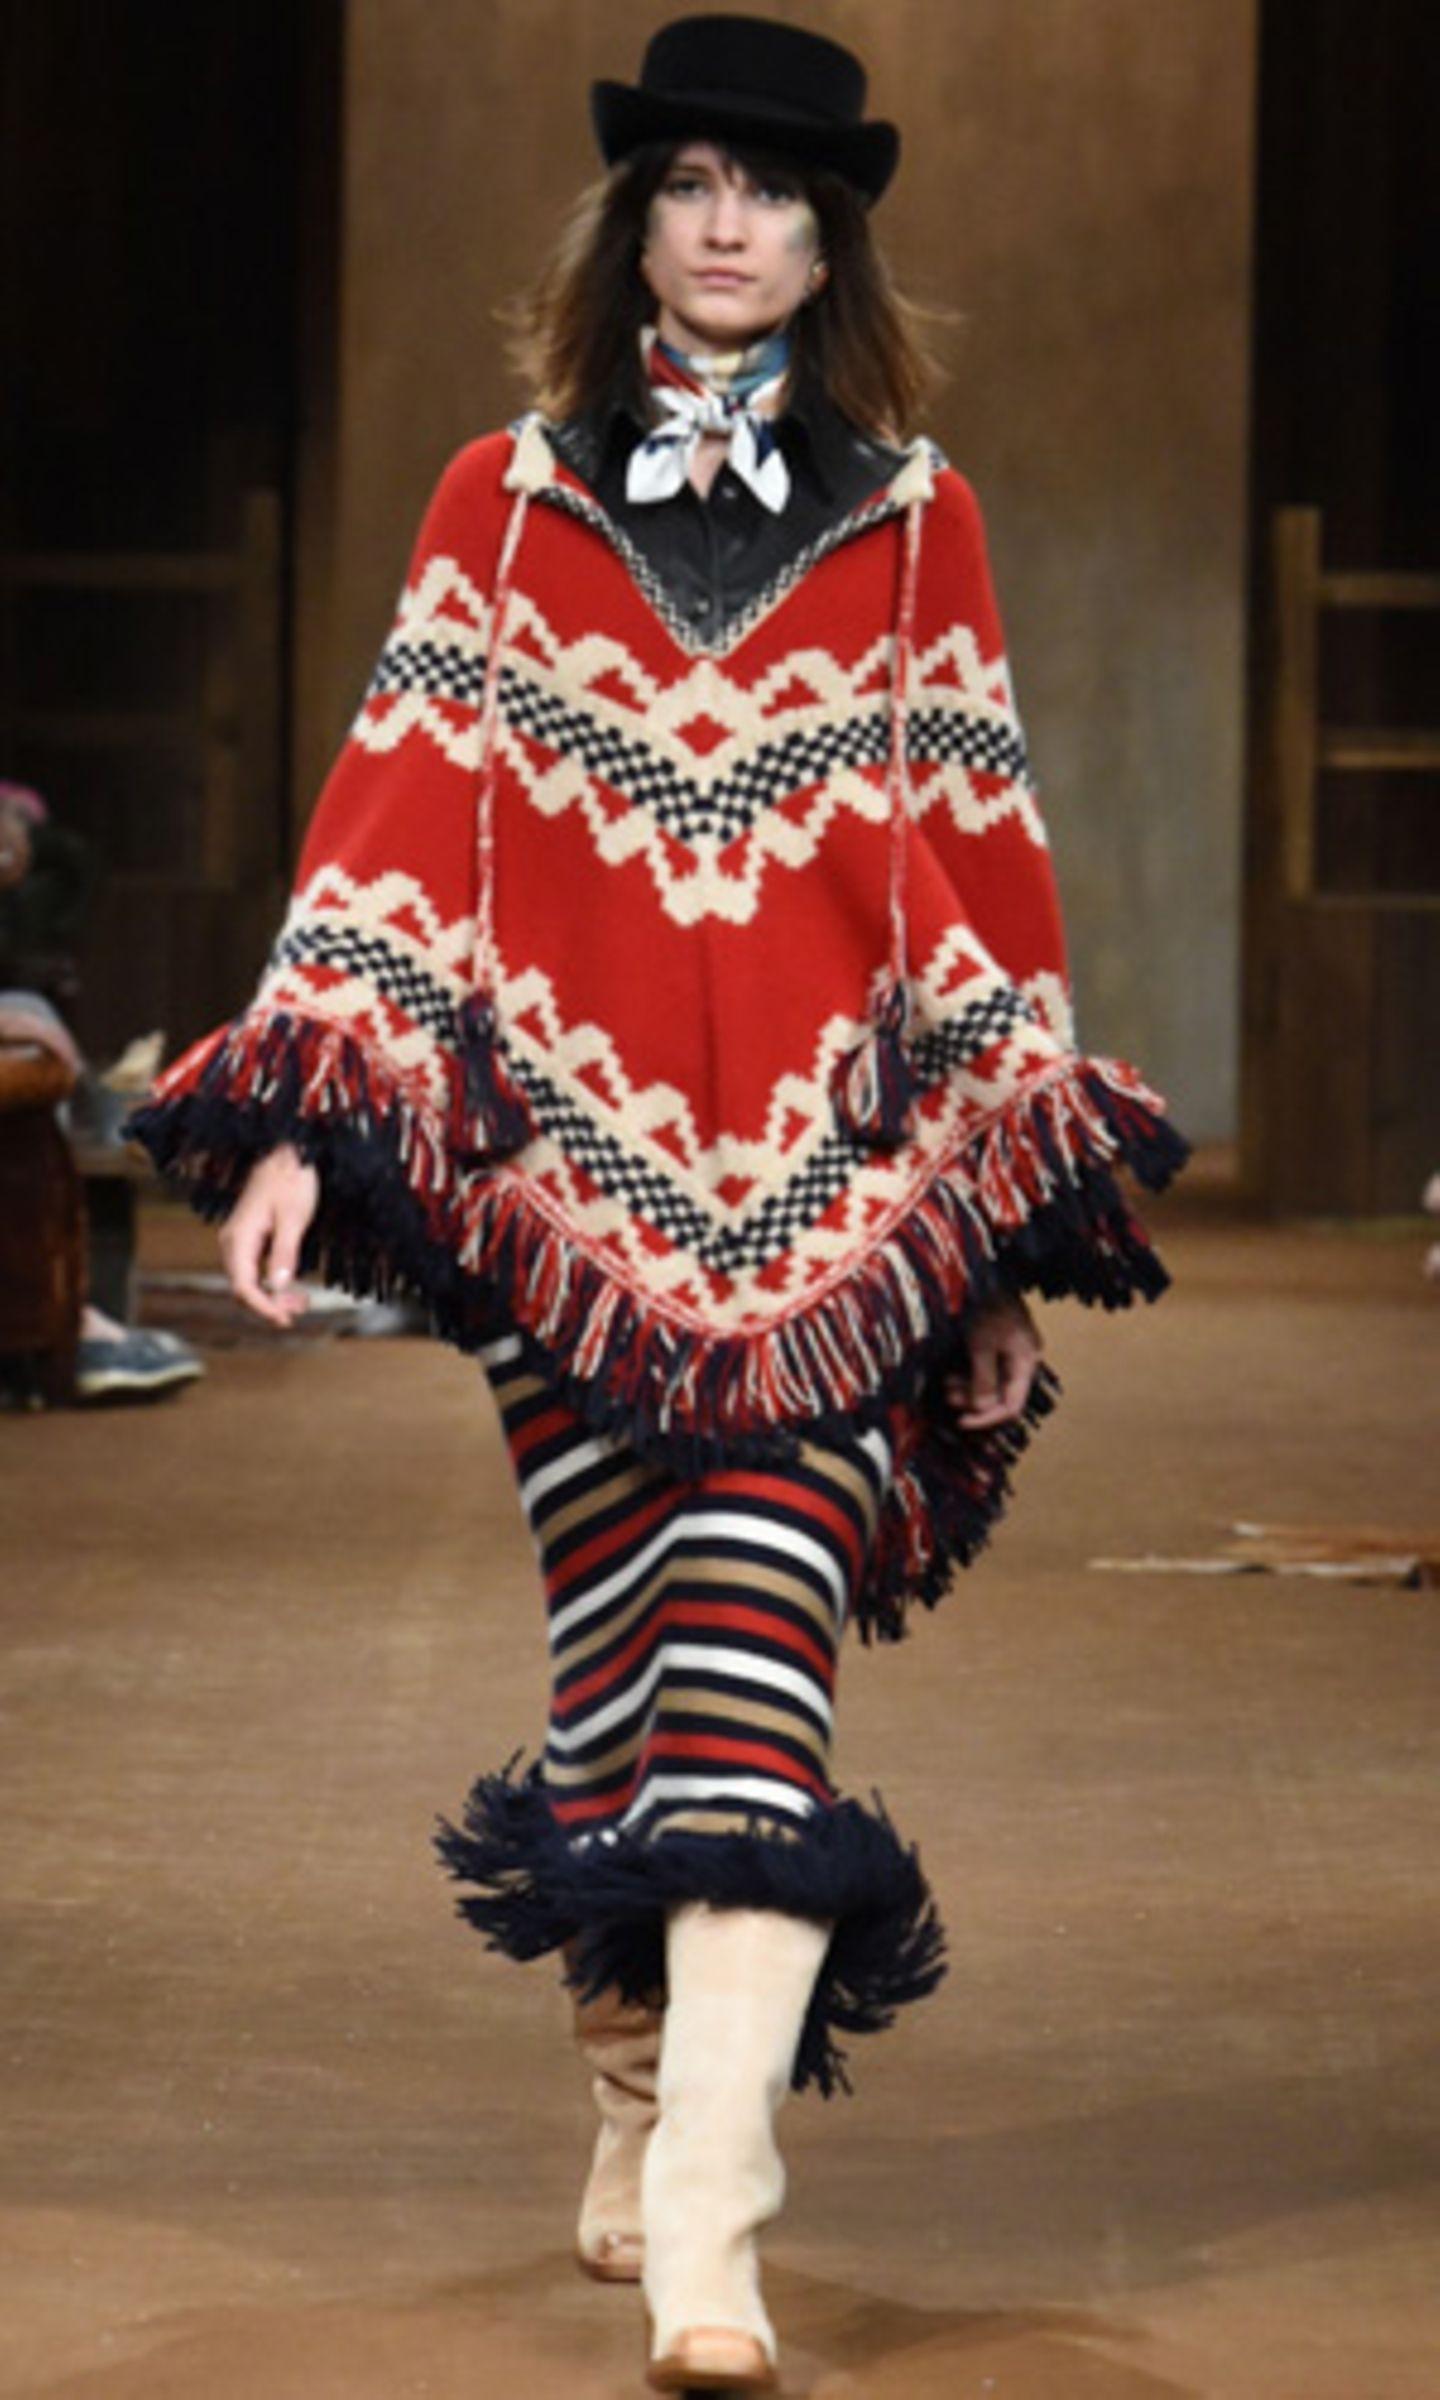 """Angefangen hat es mit der """"Paris-Dallas""""-Kollektion von Chanel: Als Karl Lagerfeld die Gäste seiner Modenschau in einer überdimensionalen Scheune empfing und Models in neu interpretierten Western-Looks über den staubigen Laufsteg schickte, war (wie so oft bei Chanel) ein neuer Trend geboren. Oder besser gesagt: Ein Trend-Revival, denn Western-Elemente waren in der Mode schließlich schon häufiger zu sehen. Das Neue: Diesen Herbst wird Indio-Mode bunt mit Western-Klassikern gemischt. Die Rede ist von Wollponchos, Fransen, Lederboots, Karohemden und handgemachten Details."""